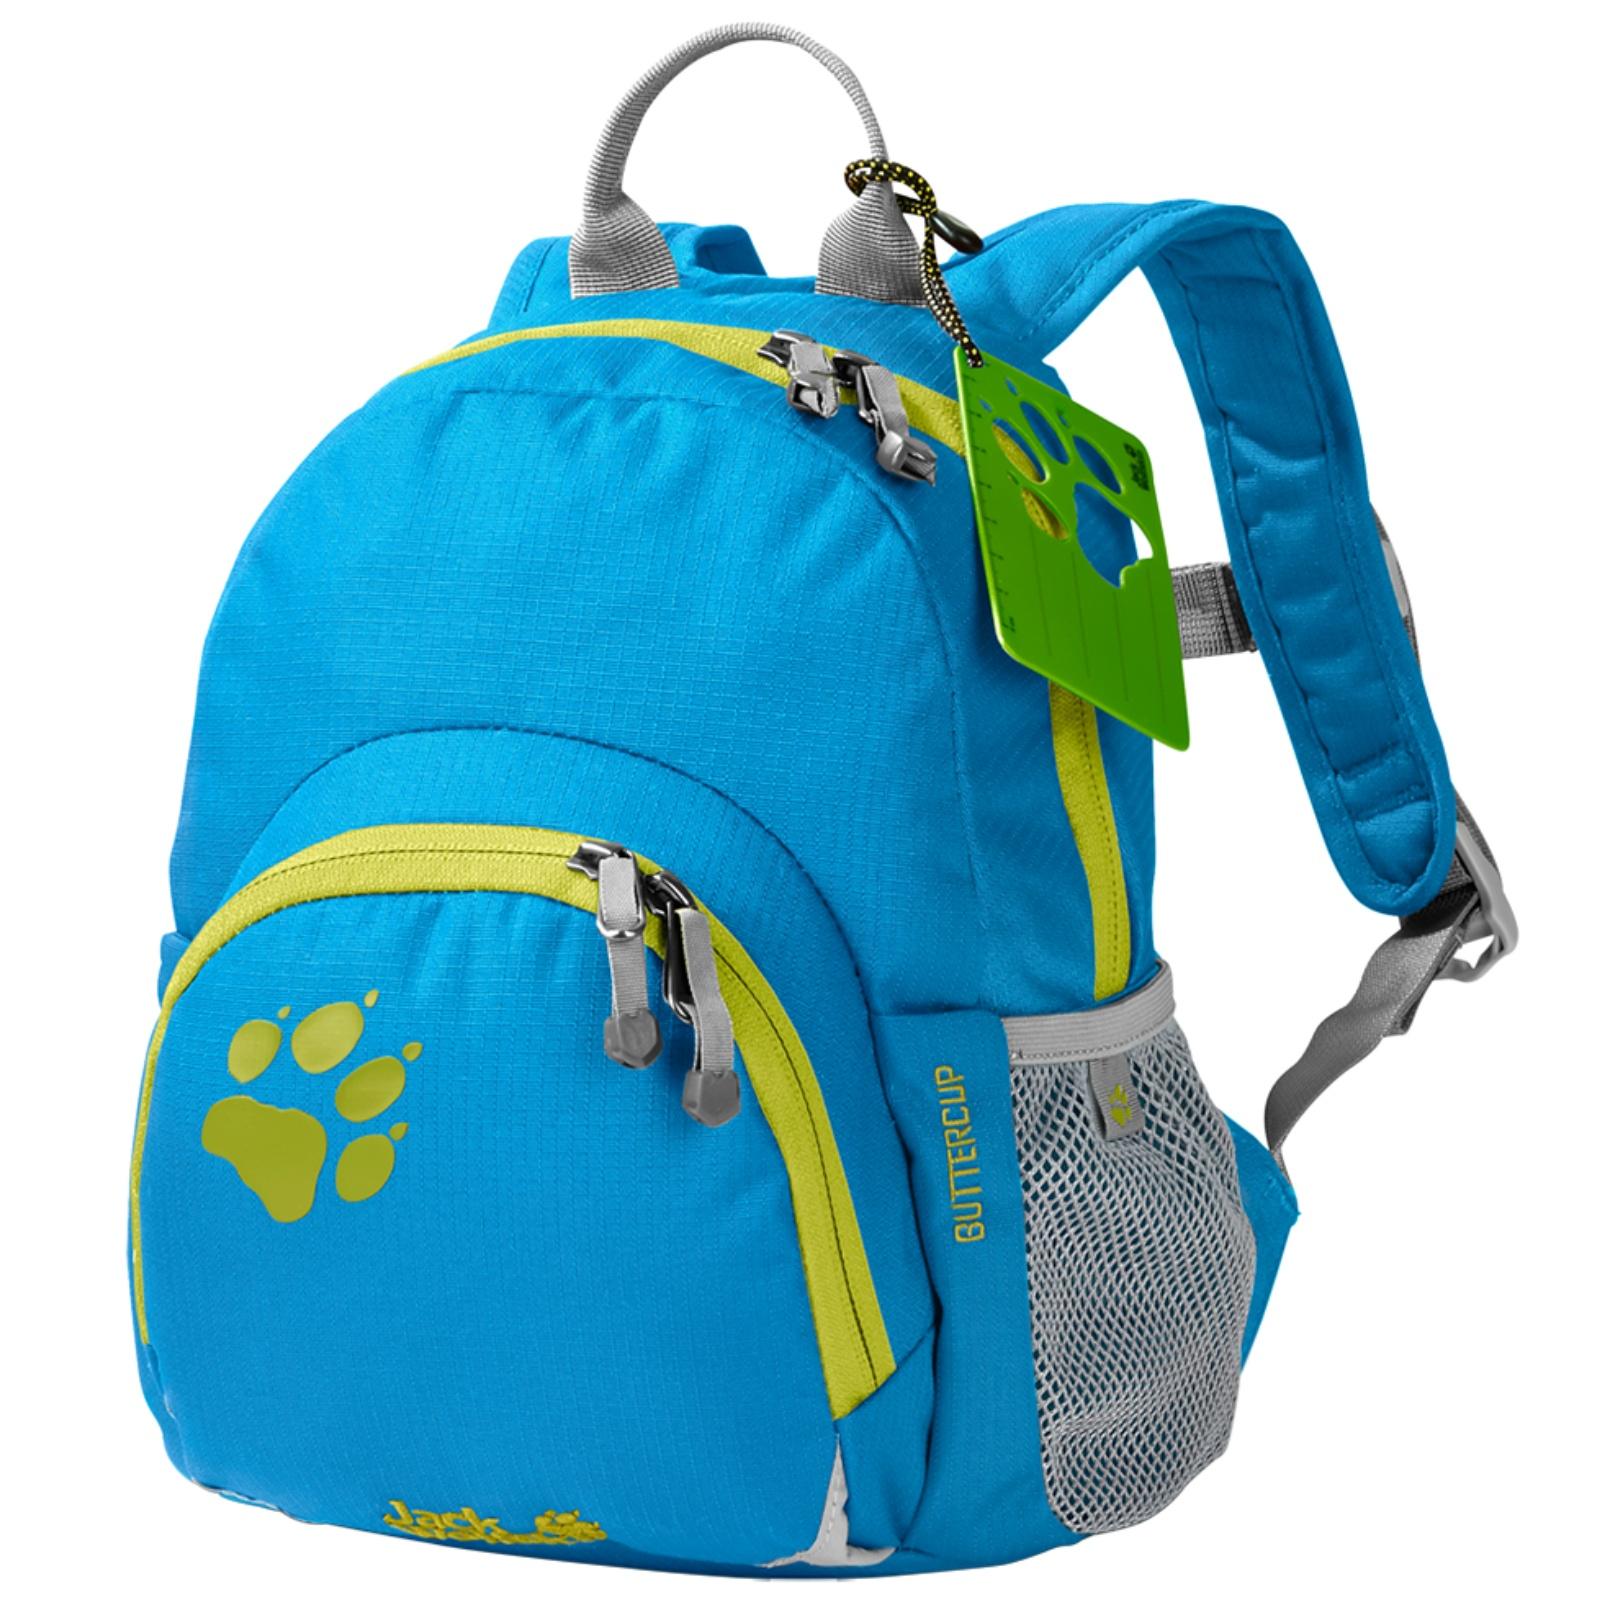 Dětský batoh JACK WOLFSKIN Buttercup - světle modrý/zelený